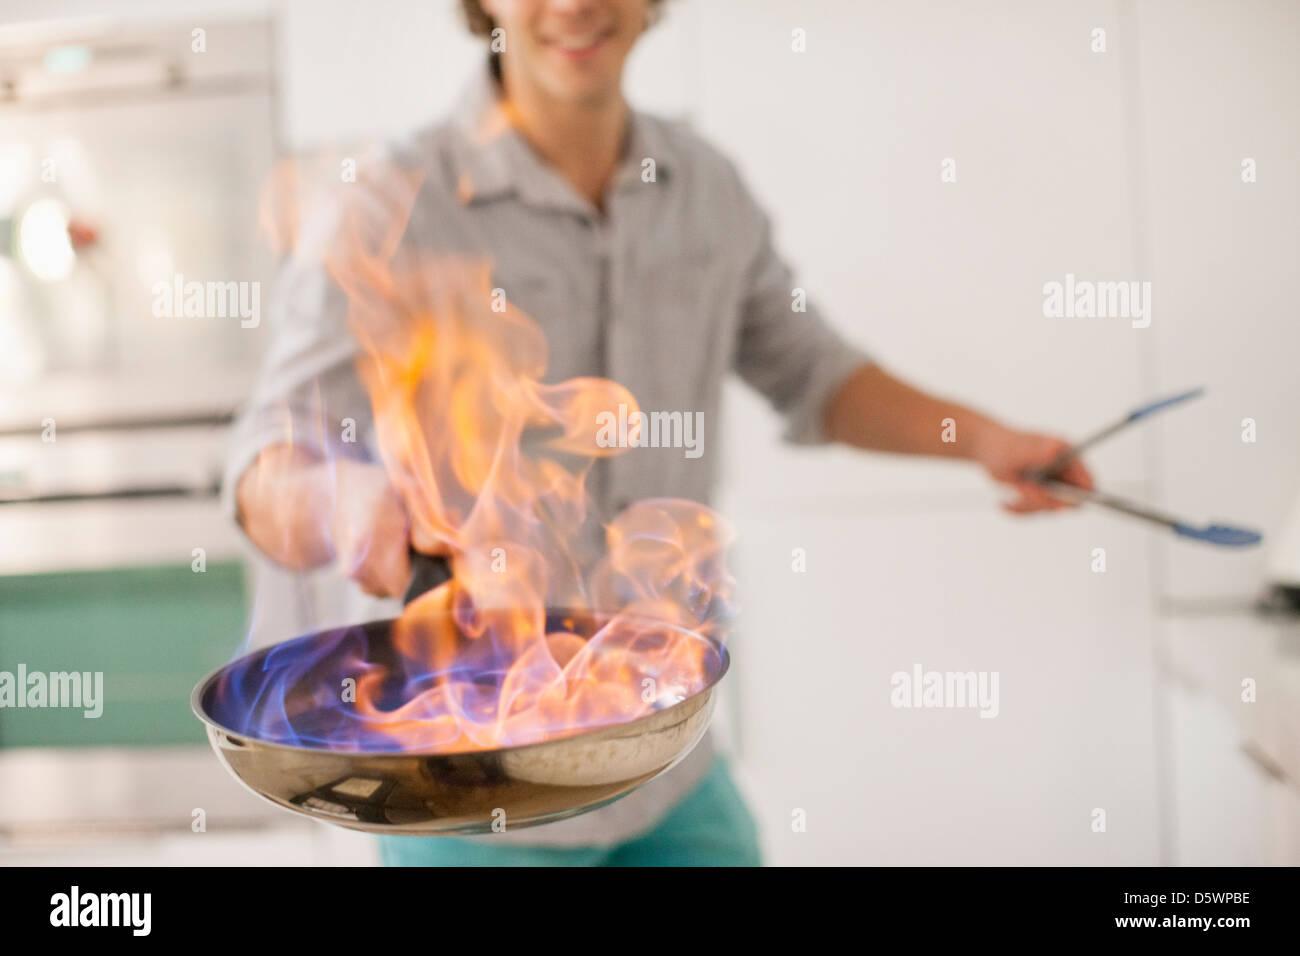 La cuisine l'homme avec le feu dans la cuisine Photo Stock